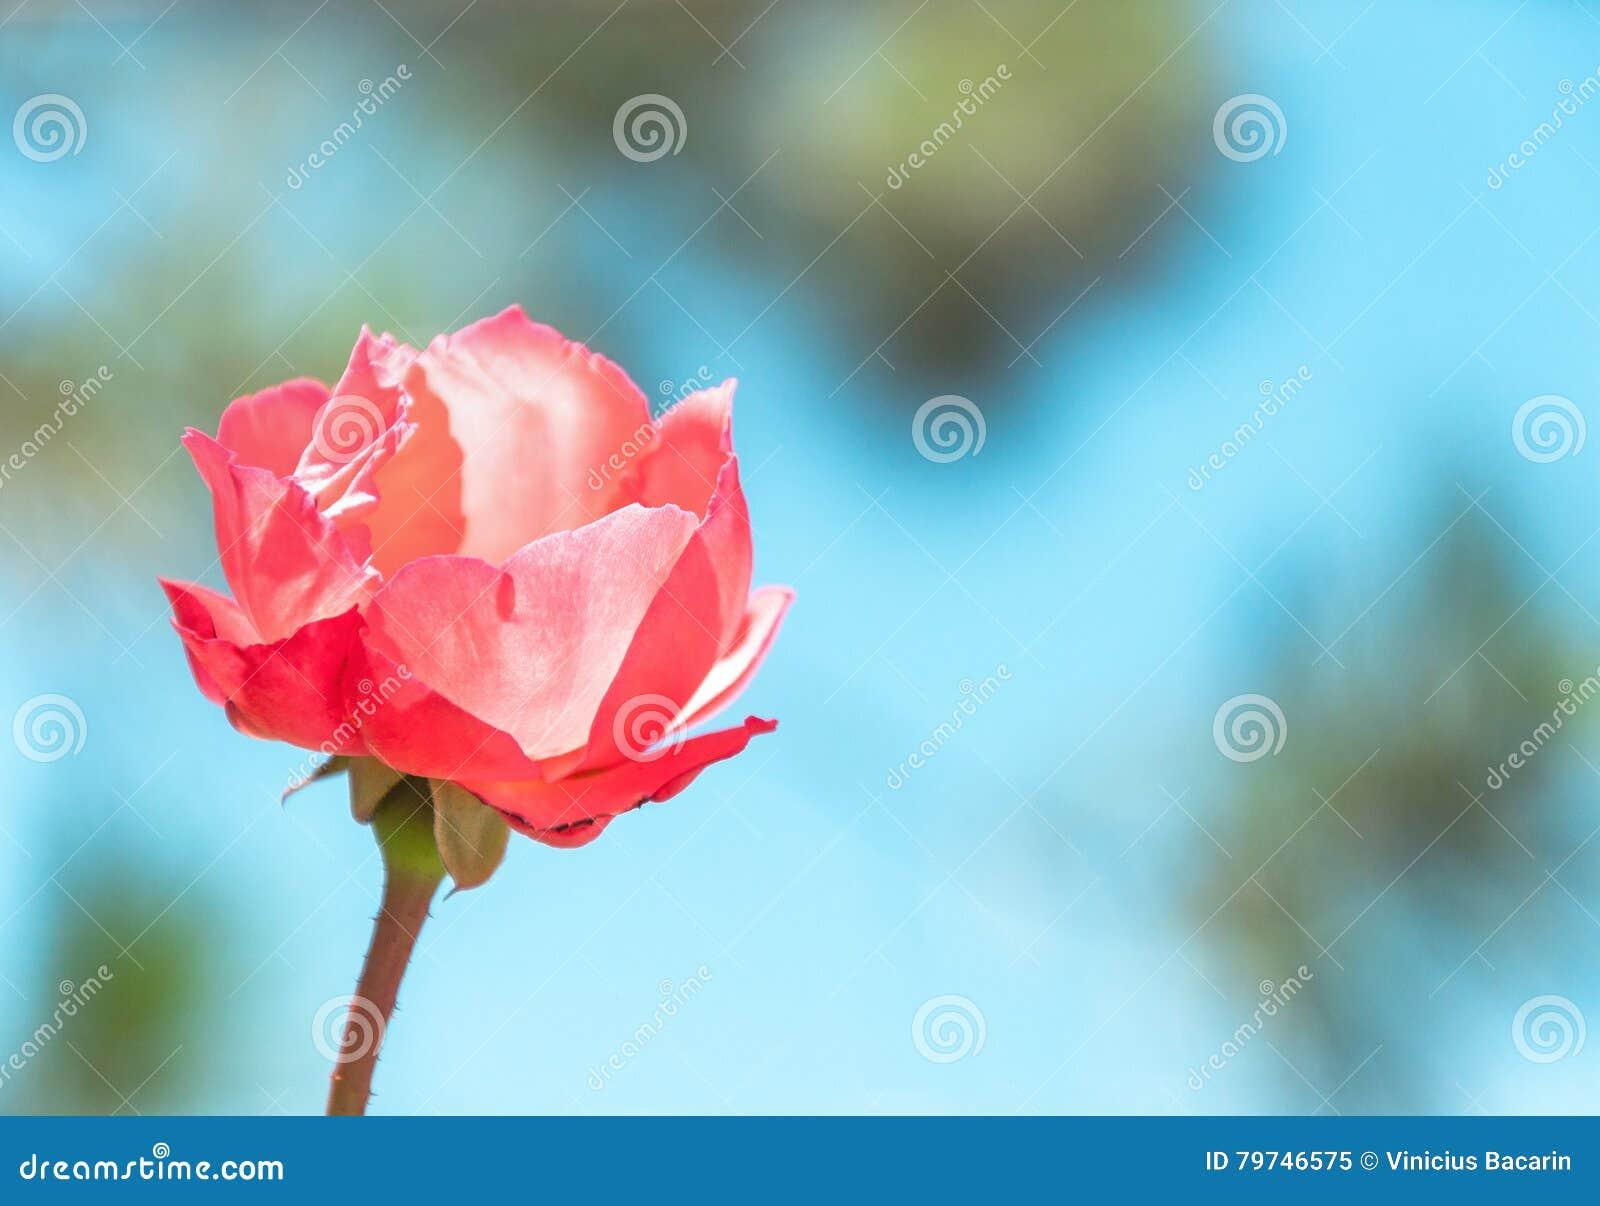 Flor roja con el fondo borroso de la naturaleza